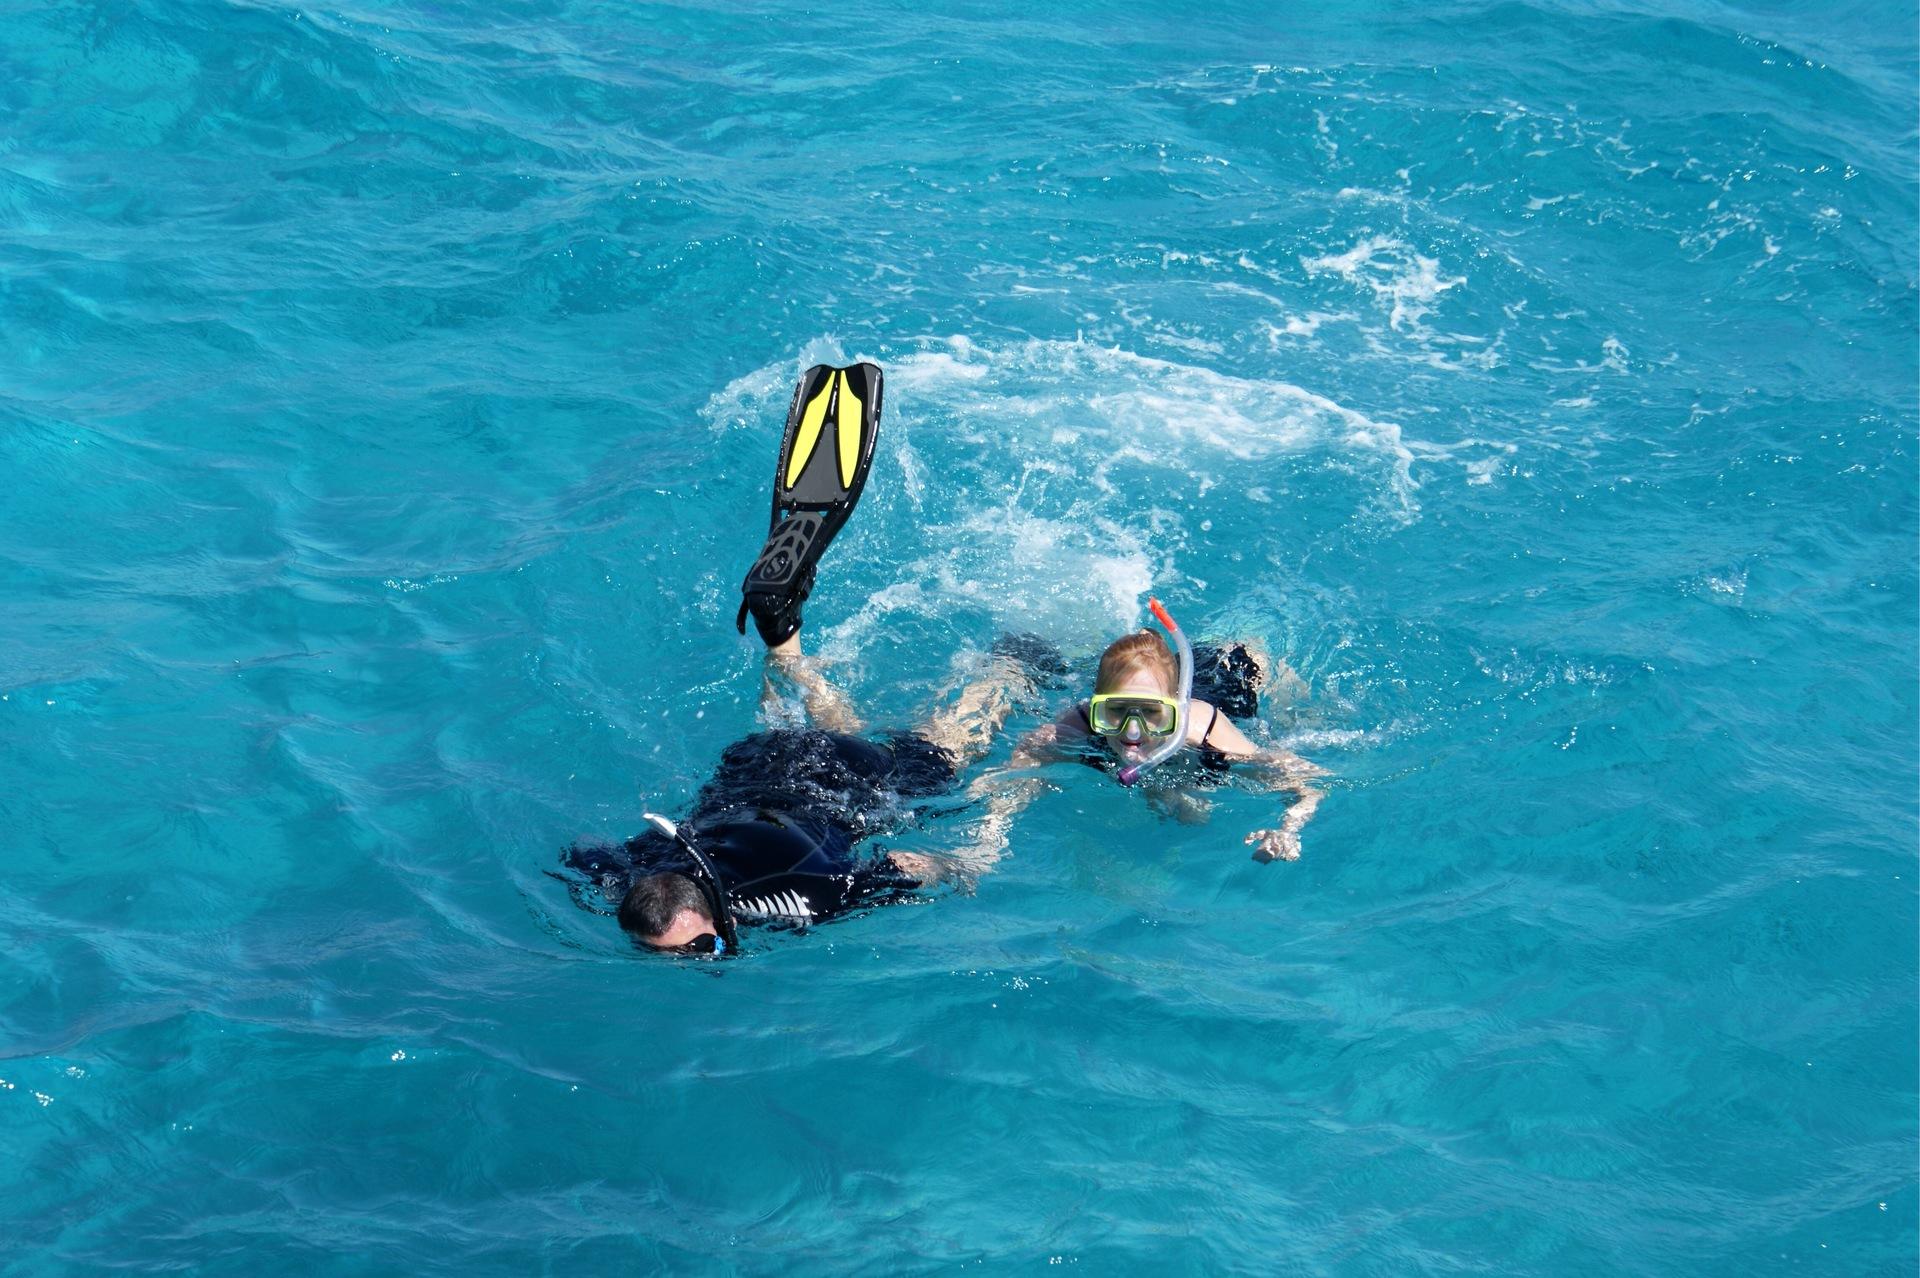 Swim | adinam1, action, cetacean, diver